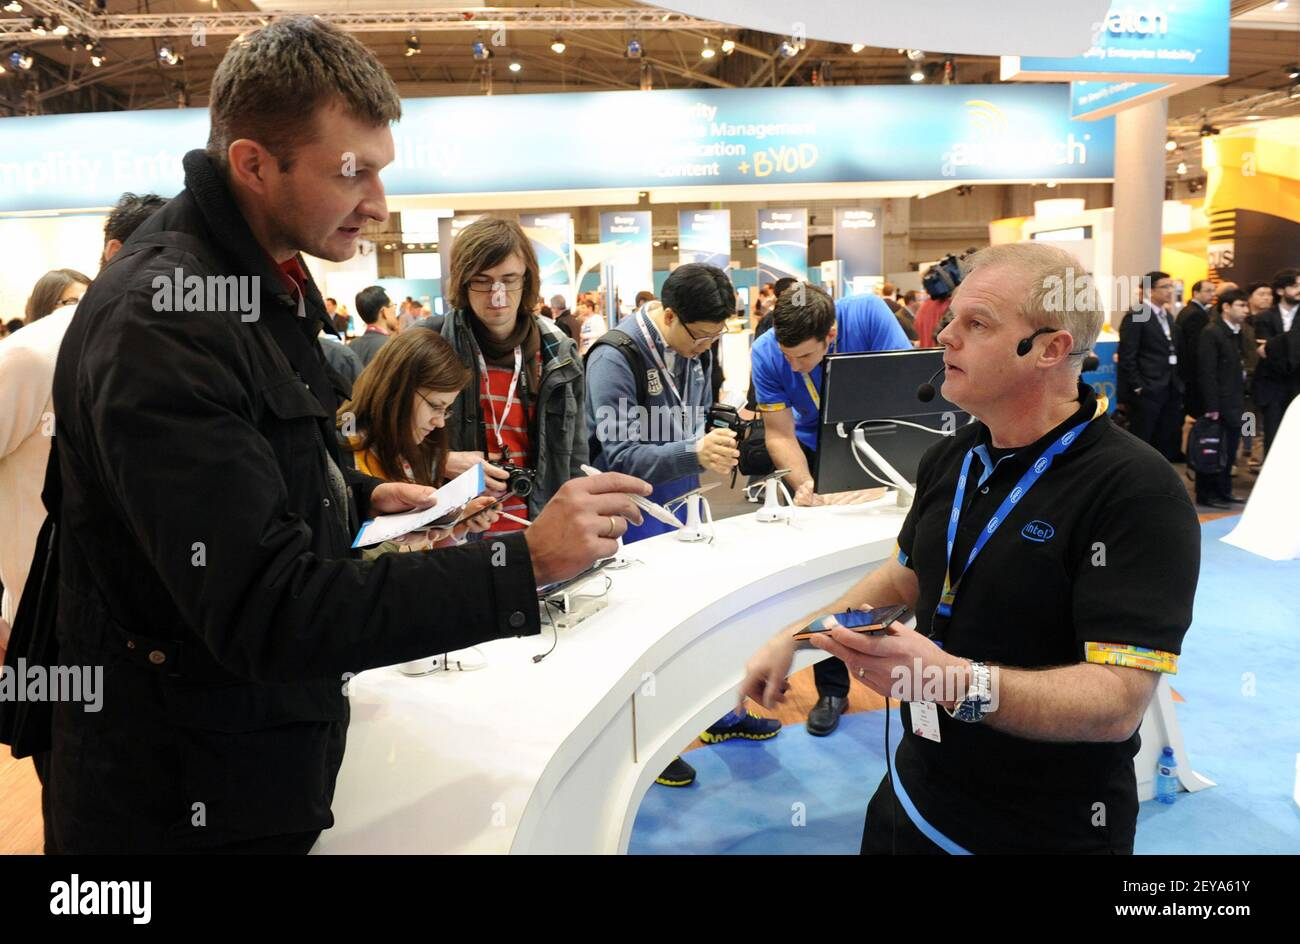 25 février 2013 - Barcelone, Espagne - dans cette photo publiée par Intel Corporation, Rich Burchell (à droite) d'Intel montre comment les films HD, les jeux graphiques de haute qualité et la navigation sur le Web fonctionnent sans problème sur différentes plates-formes, notamment les smartphones, les tablettes et les tout-en-un, au stand d'Intel au Mobile World Congress 2013, lundi 25 février 2013 à Barcelone, Espagne. Intel a présenté les derniers produits et technologies pour des expériences nomades robustes sur une gamme d'appareils innovants, de réseaux intelligents et de services cloud en expansion. Le Mobile World Congress est l'une des plus grandes annua Banque D'Images